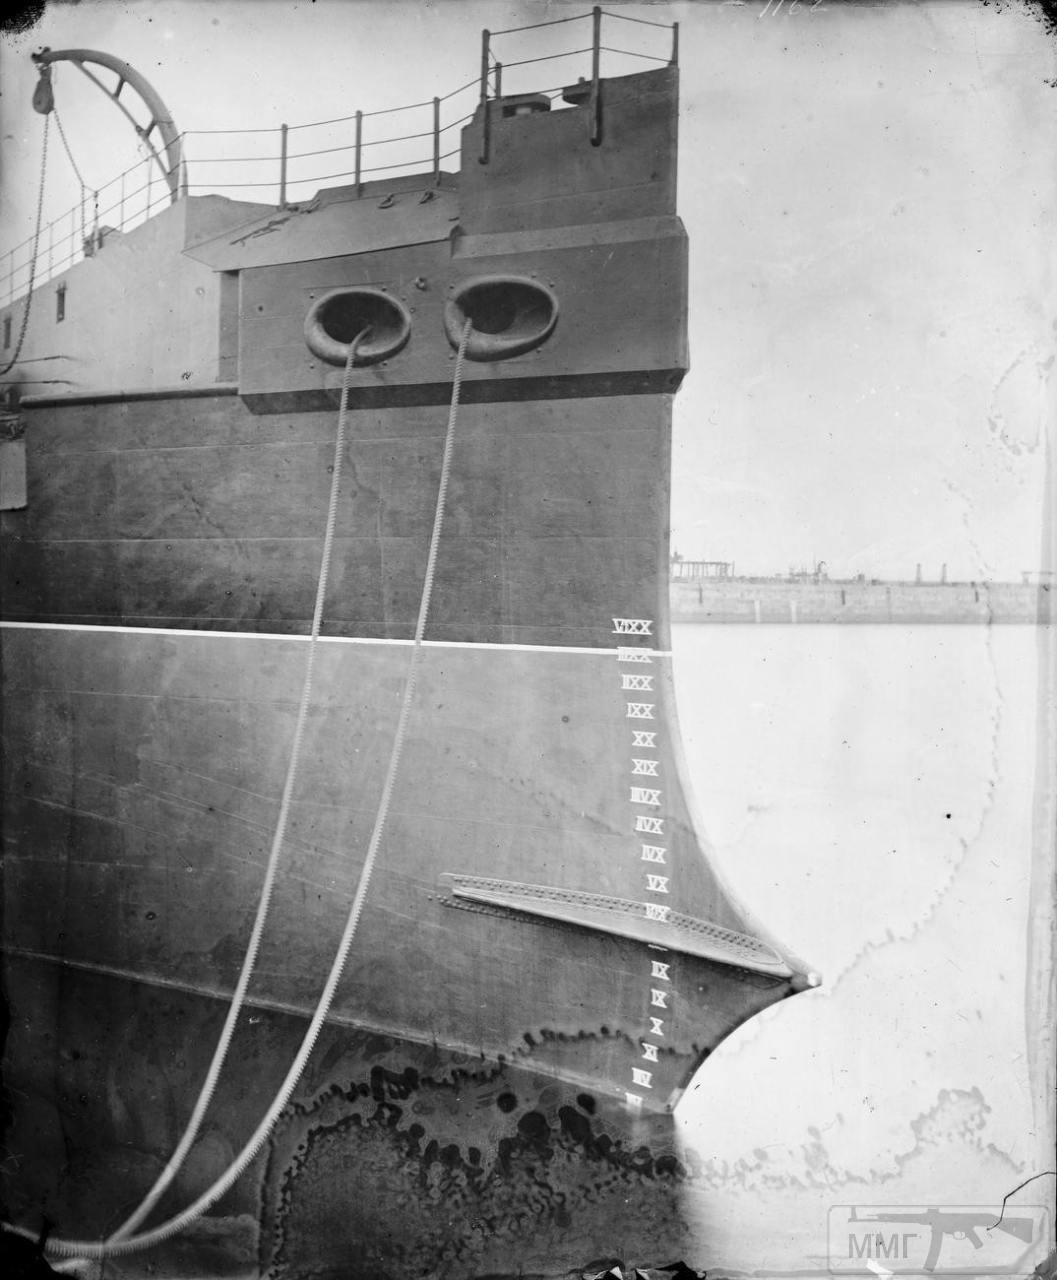 112771 - Броненосцы, дредноуты, линкоры и крейсера Британии